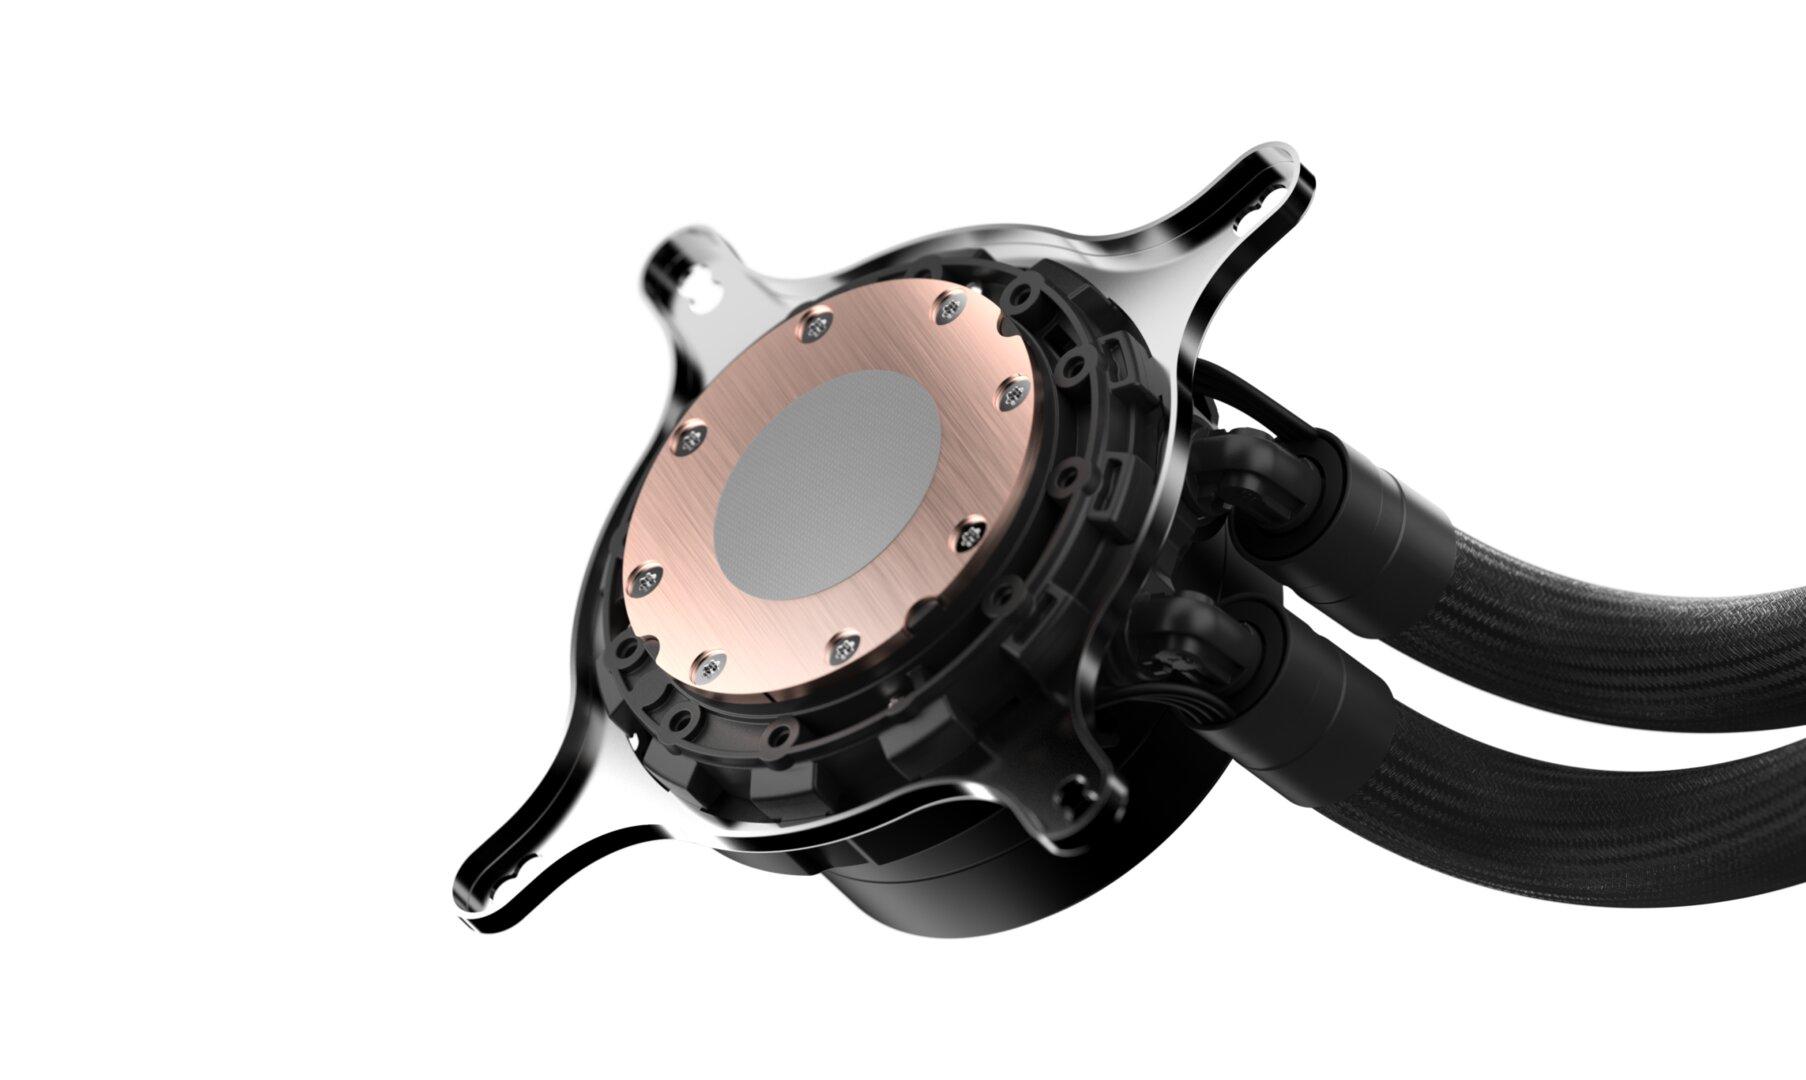 Fractal Design Celsius+ – die Bodenplatte der Pumpe